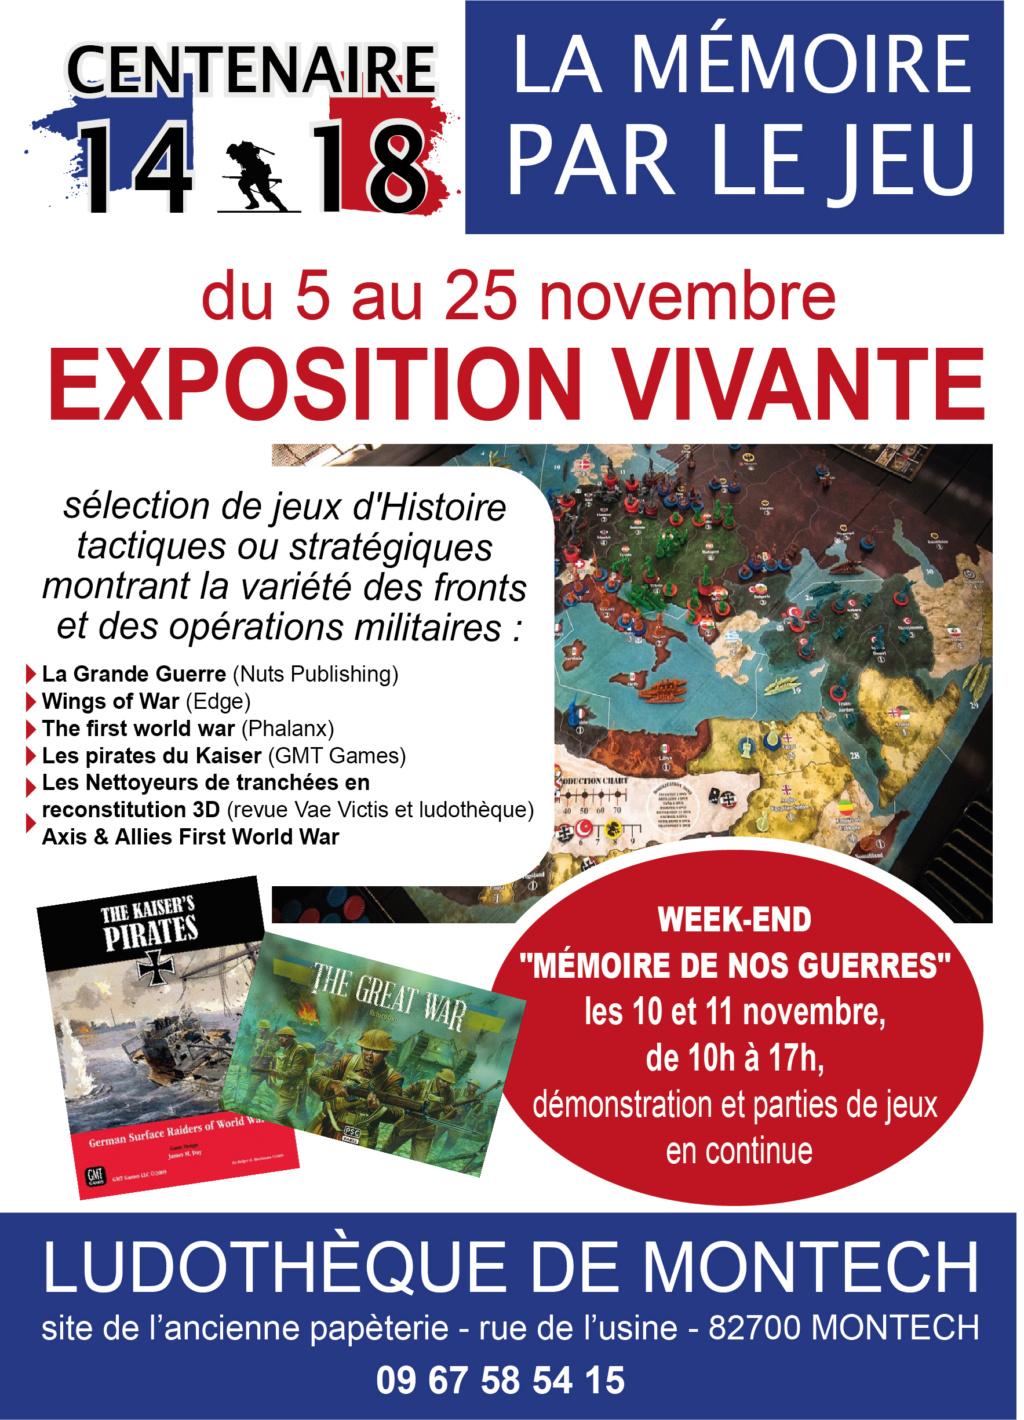 Mémoire de nos guerres 14-18 les 10 et 11 novembre en Tarn et Garonne Affich10